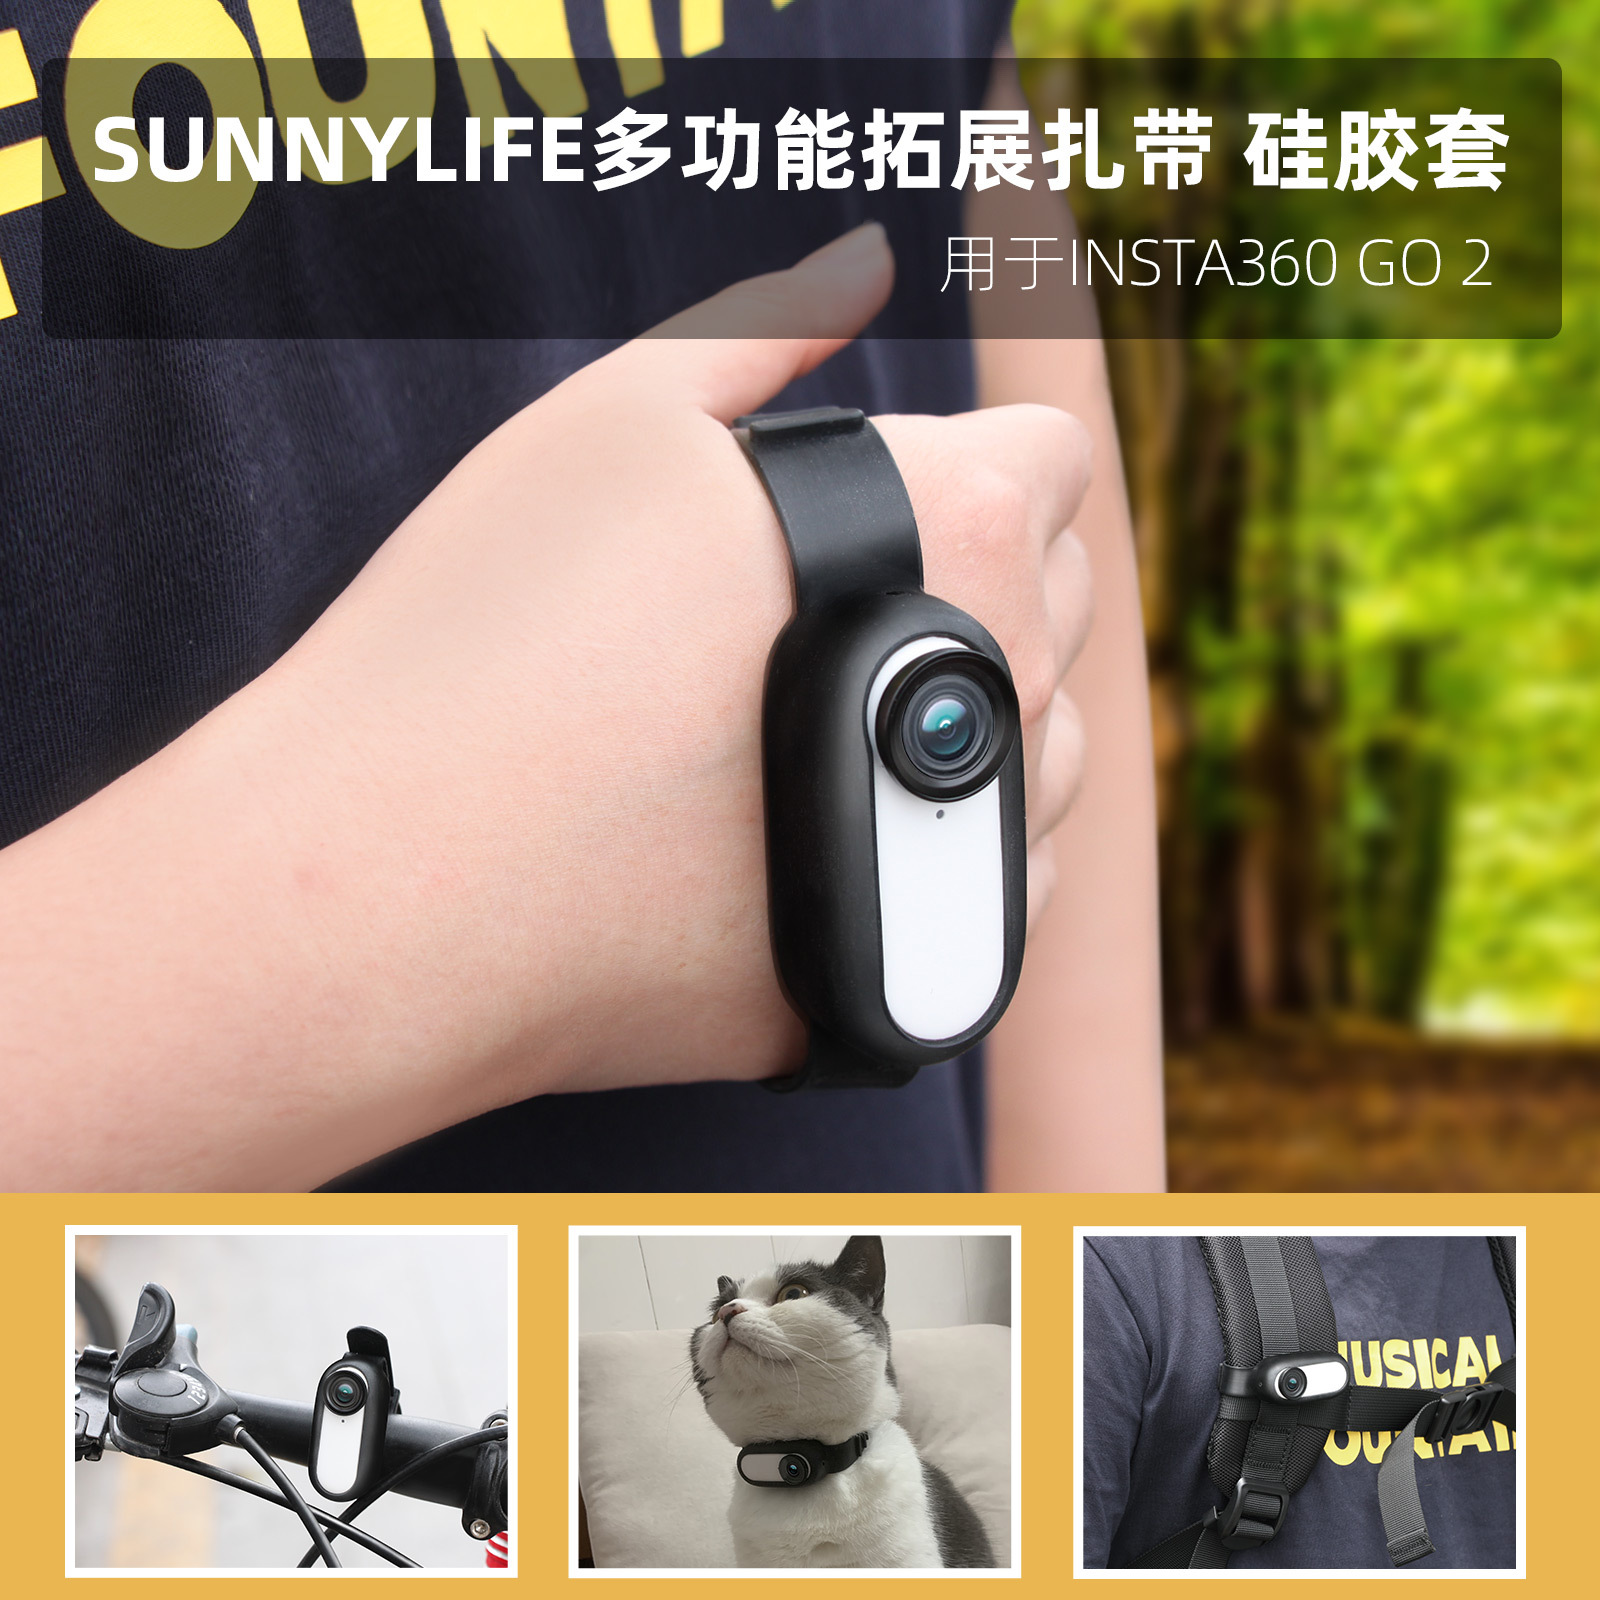 免運現貨Insta360 GO2紮帶矽膠套腕帶背包單車綁帶相機拓展配件Insta360 GO 2 相機矽膠套